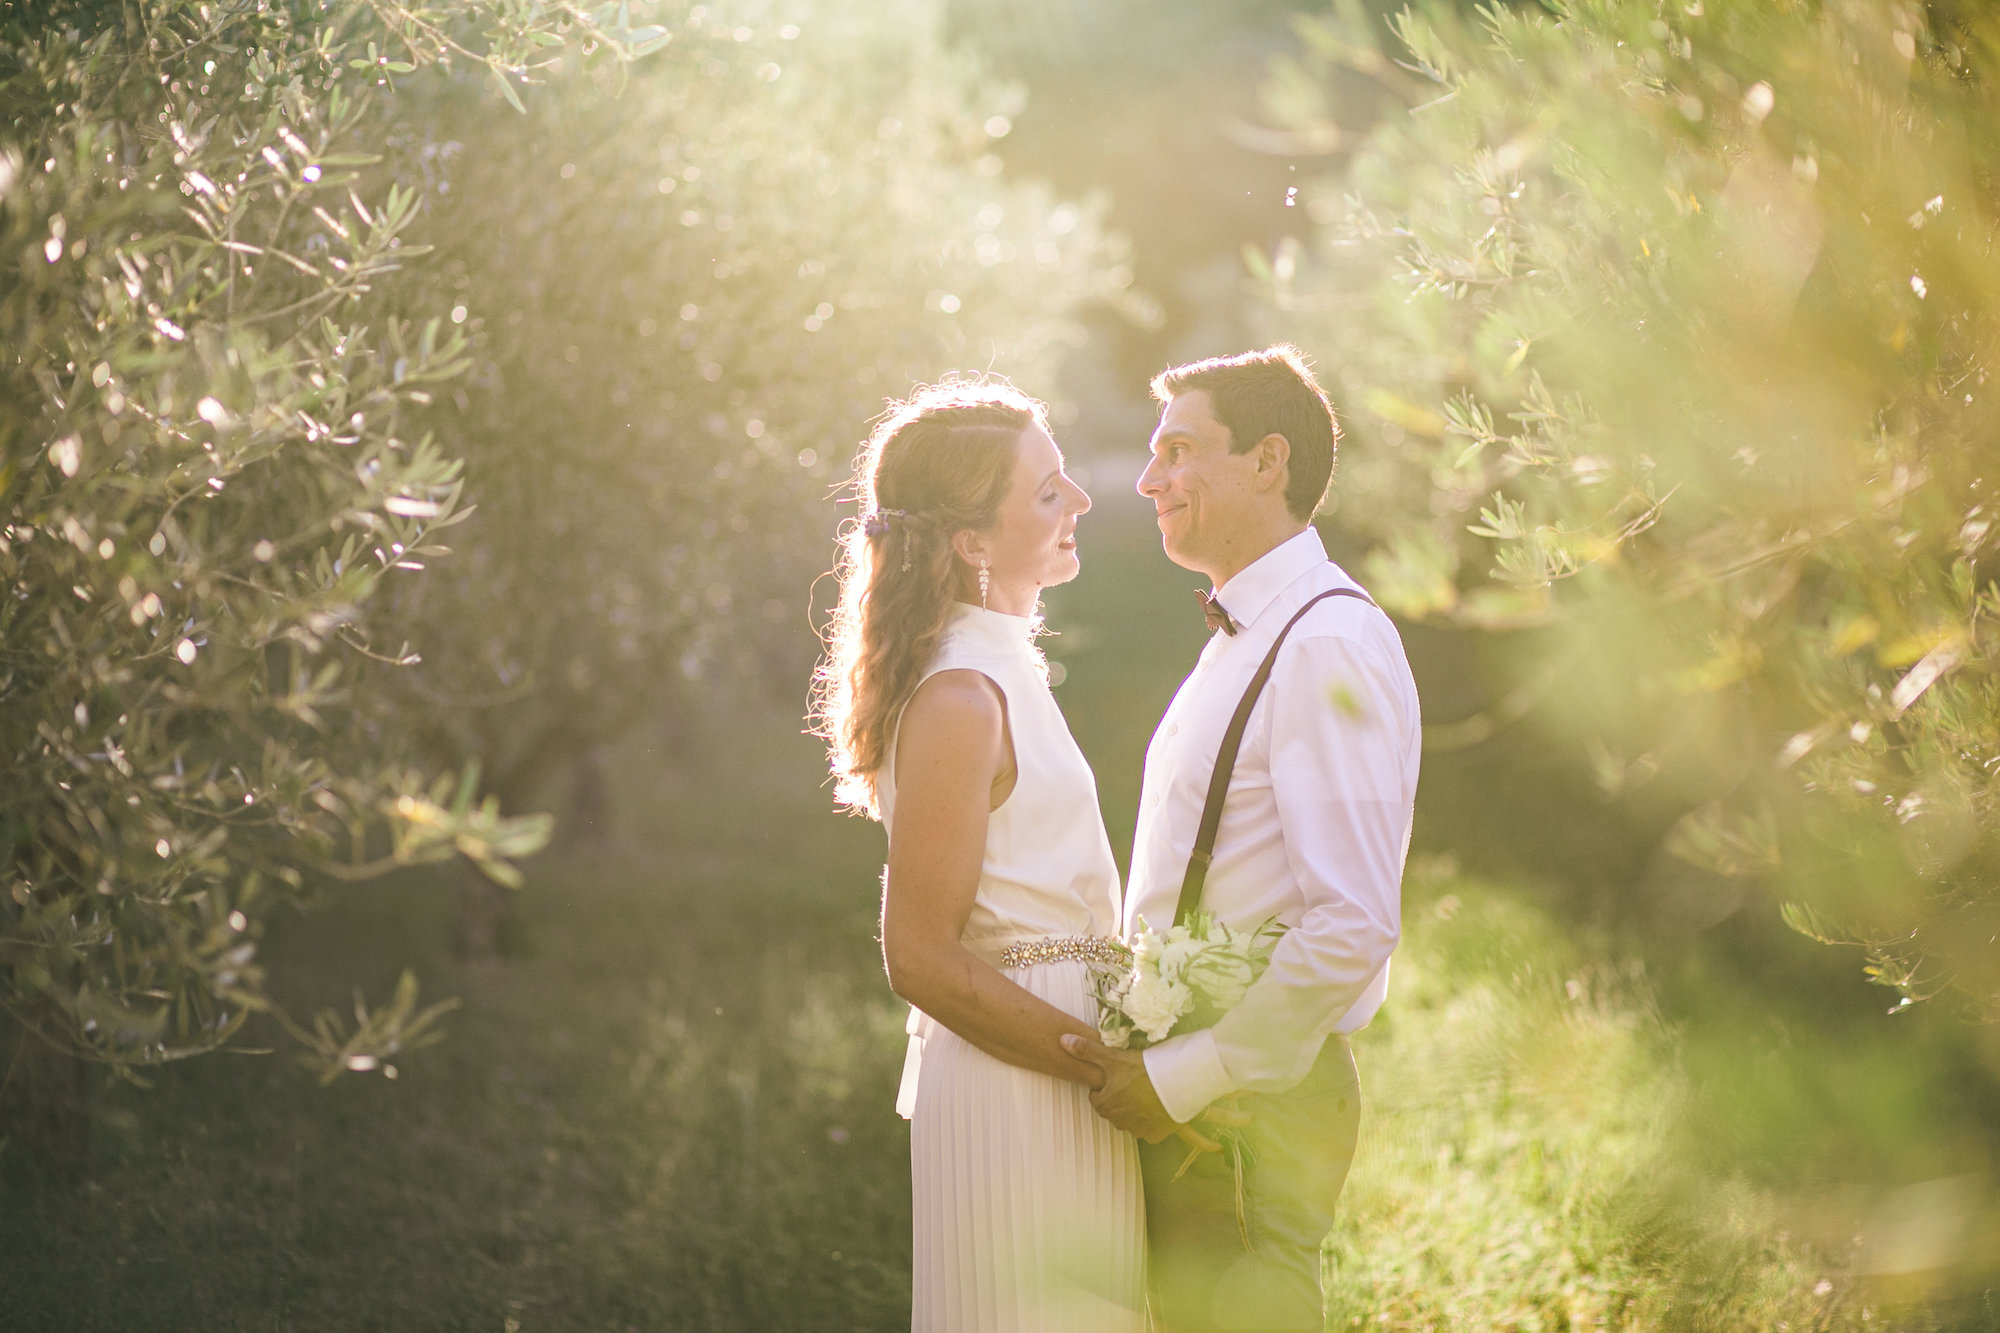 le coeur dans les etoiles - wedding planner - gard - provence - mariage provence - L&C - sebastien cabanes - photo de couple 1